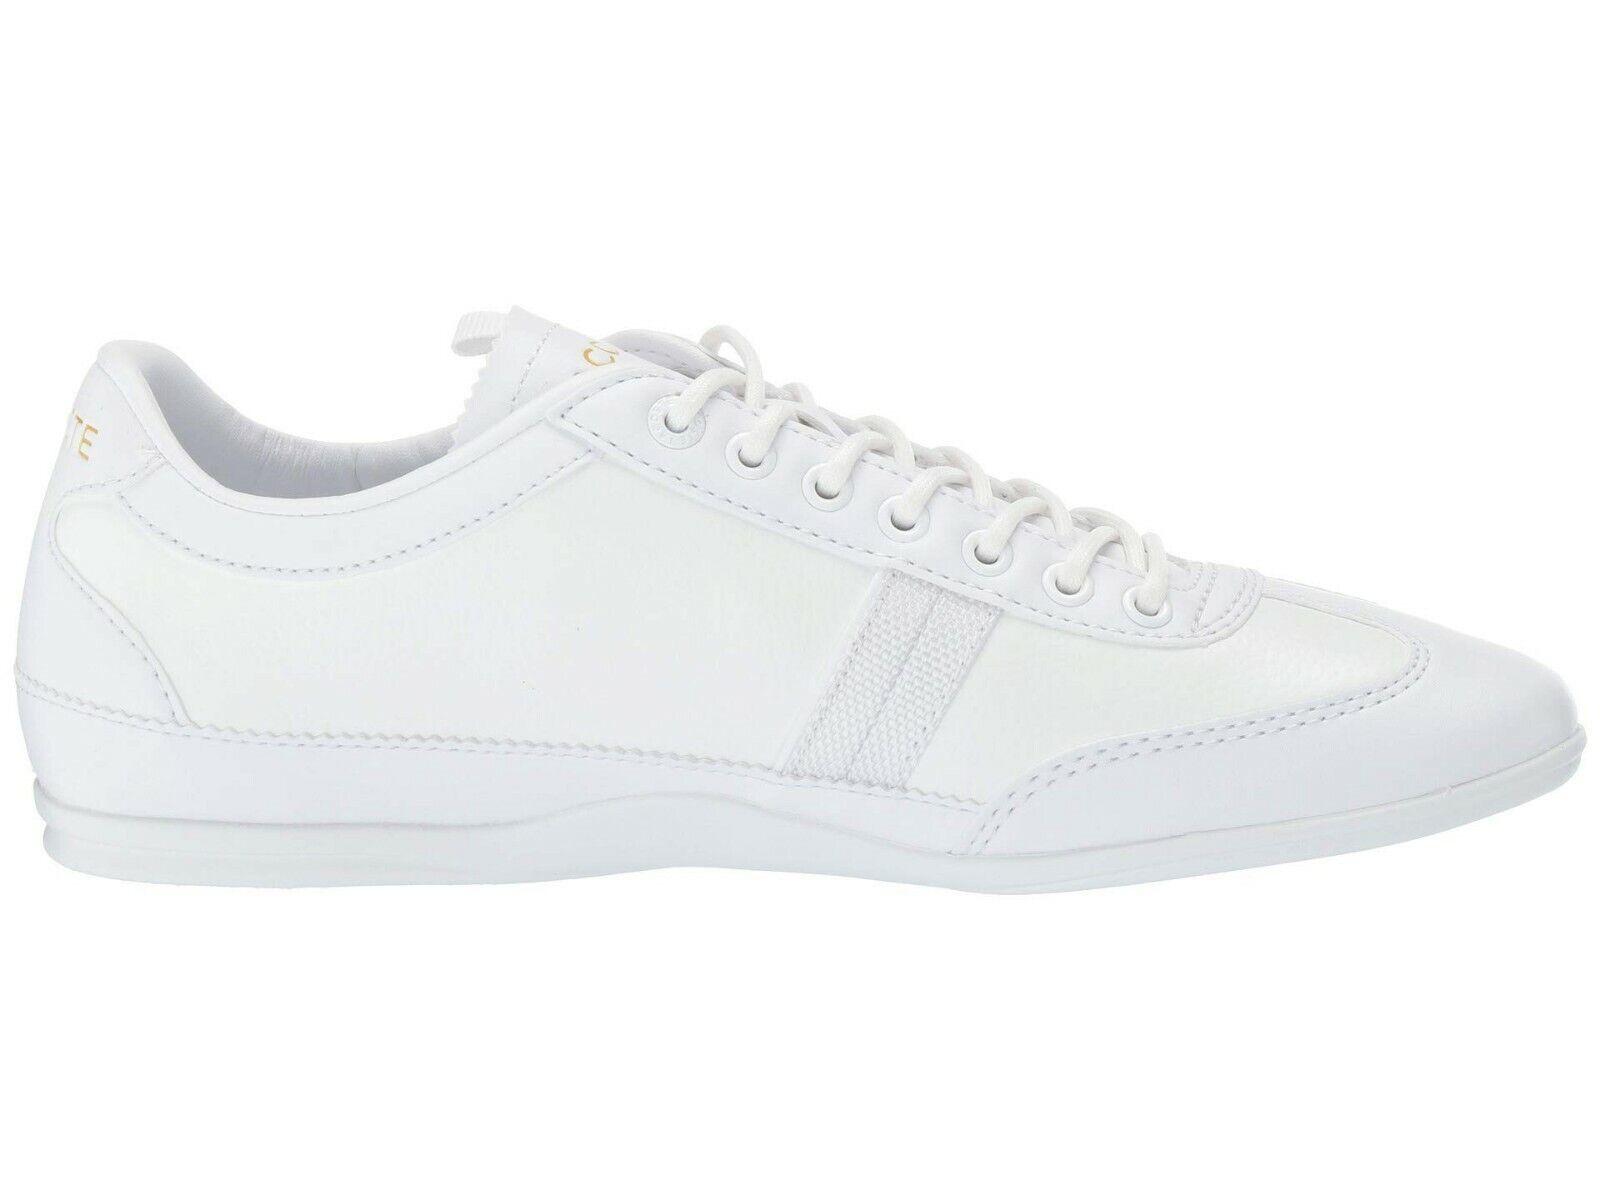 Lacoste Misano 119 1 u CMA para Hombre de Cuero blancoo informal Tenis